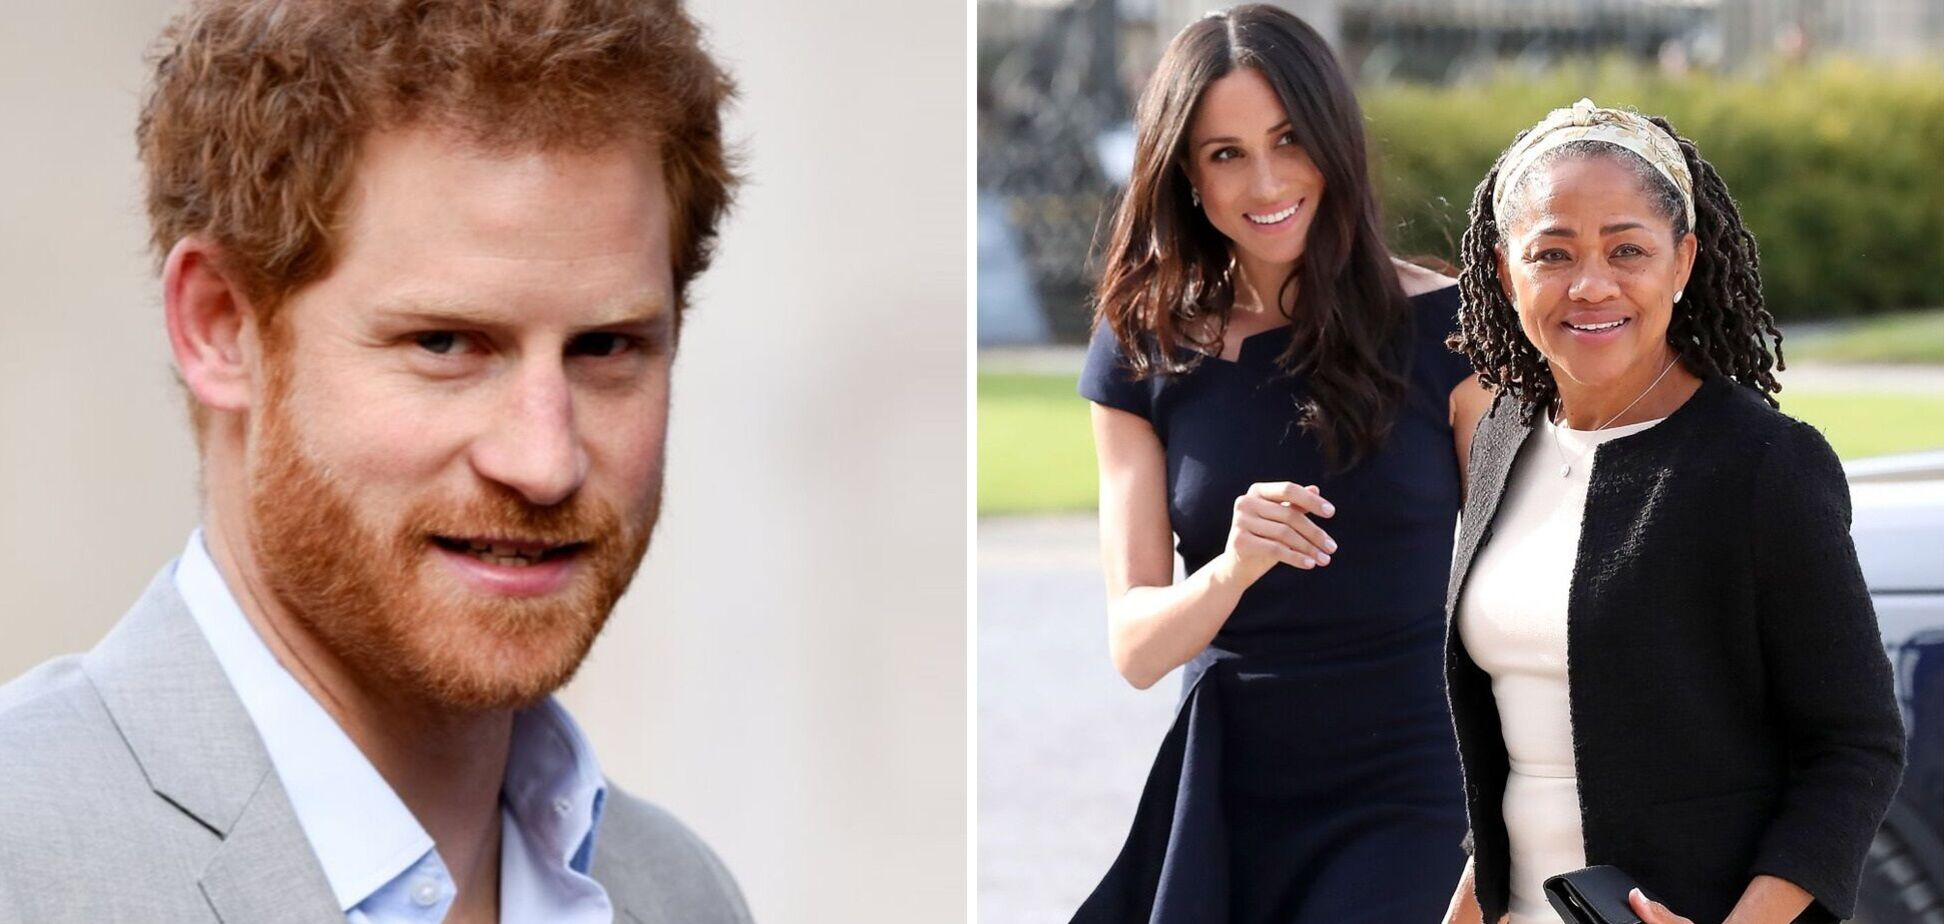 ЗМІ з'ясували, які стосунки у принца Гаррі з тещею